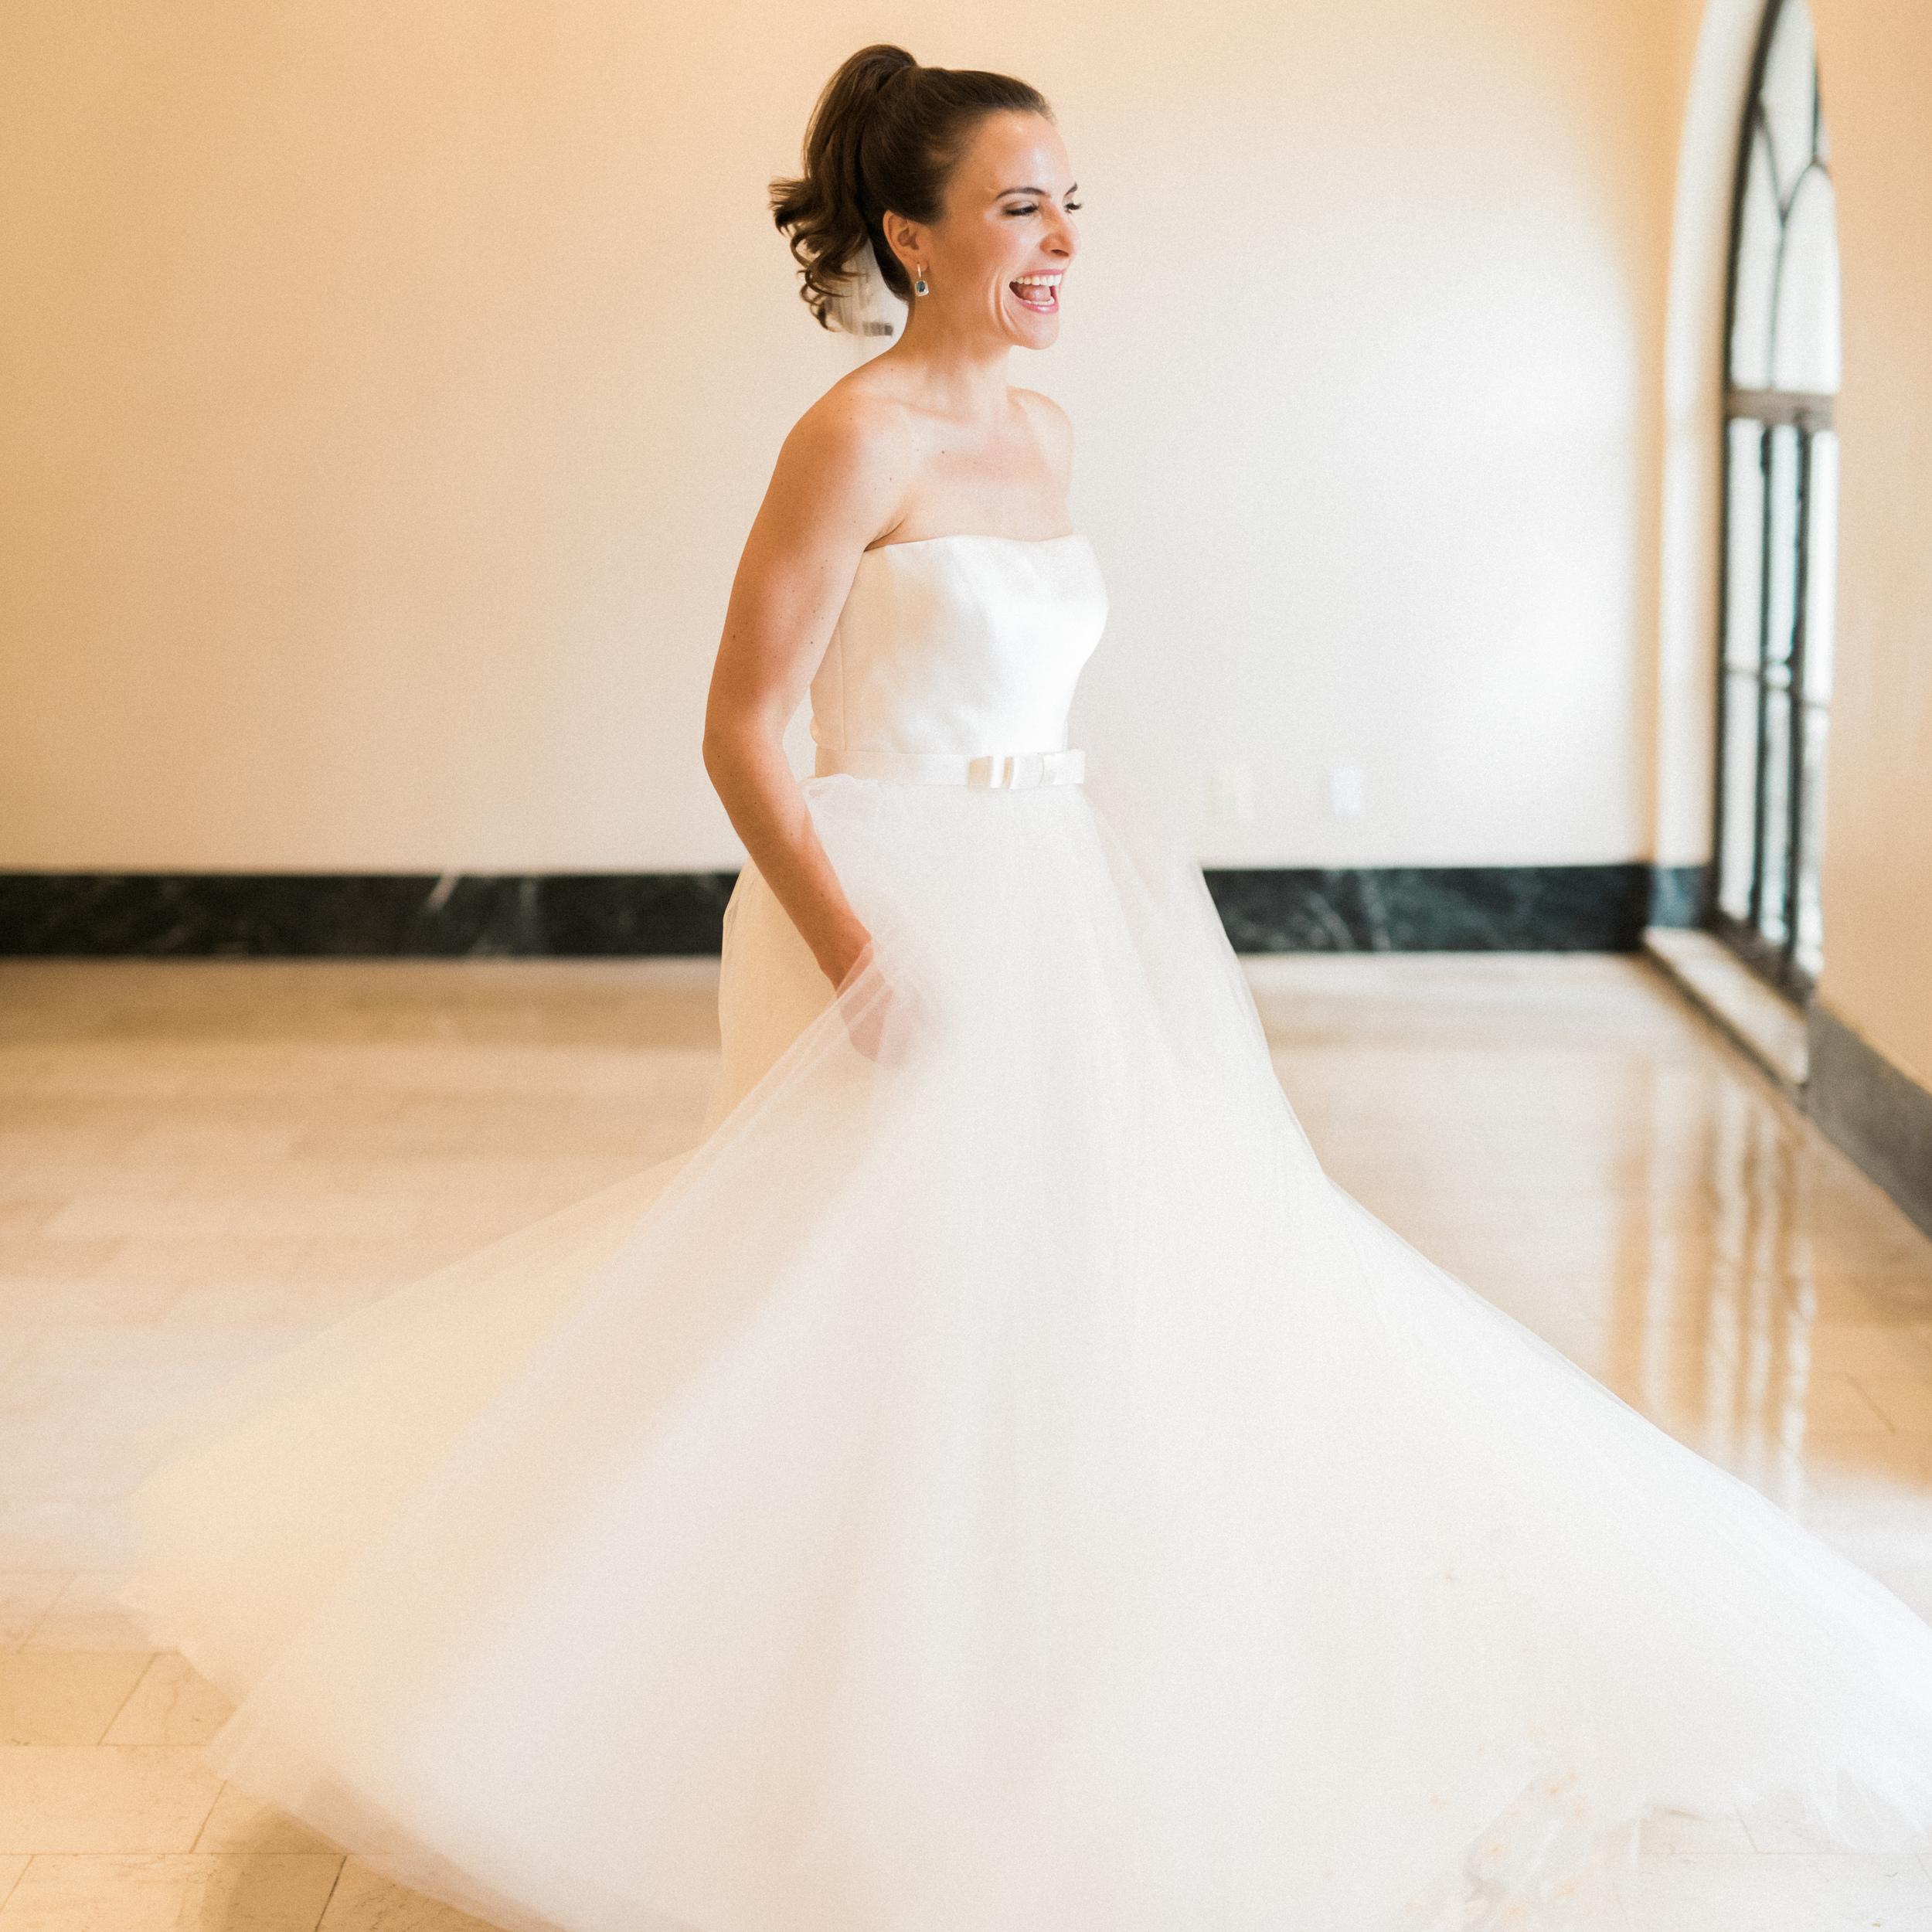 Bridal portrait $650